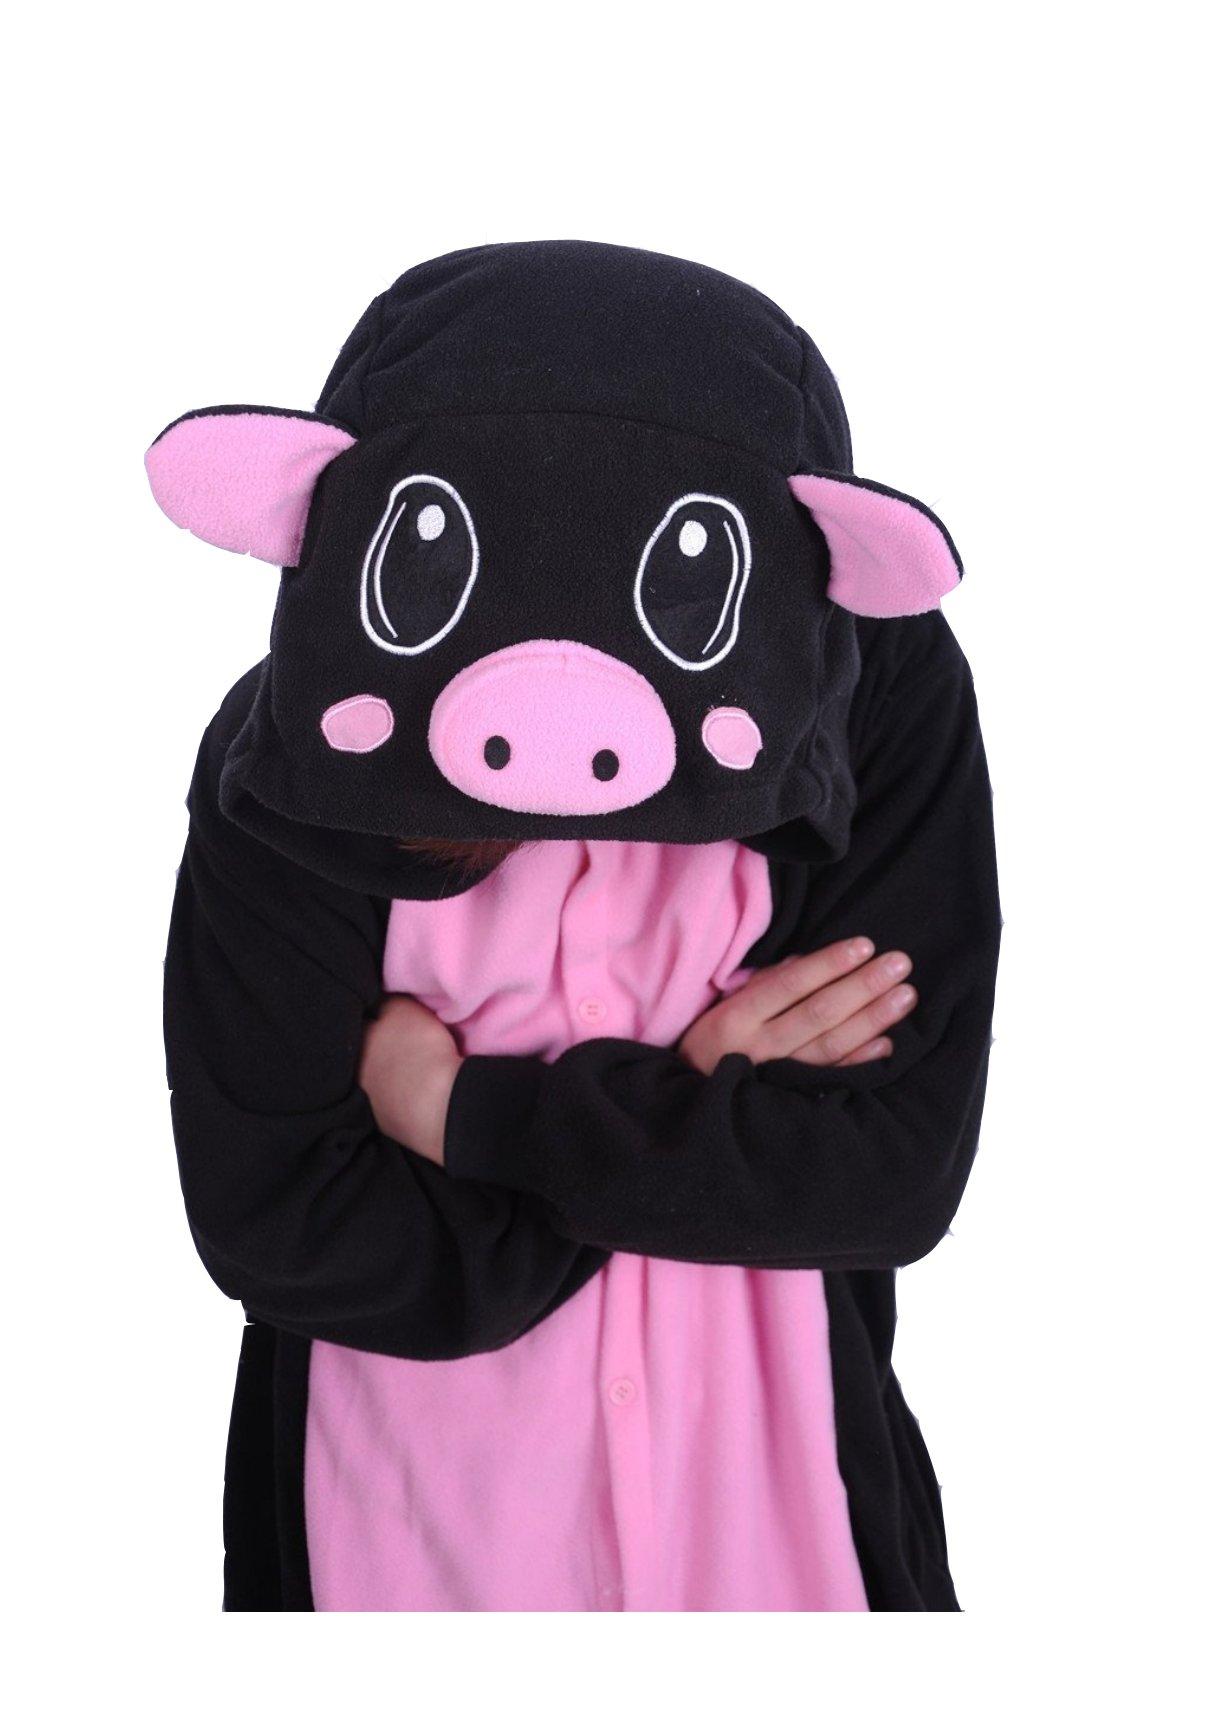 Black Pig kigu